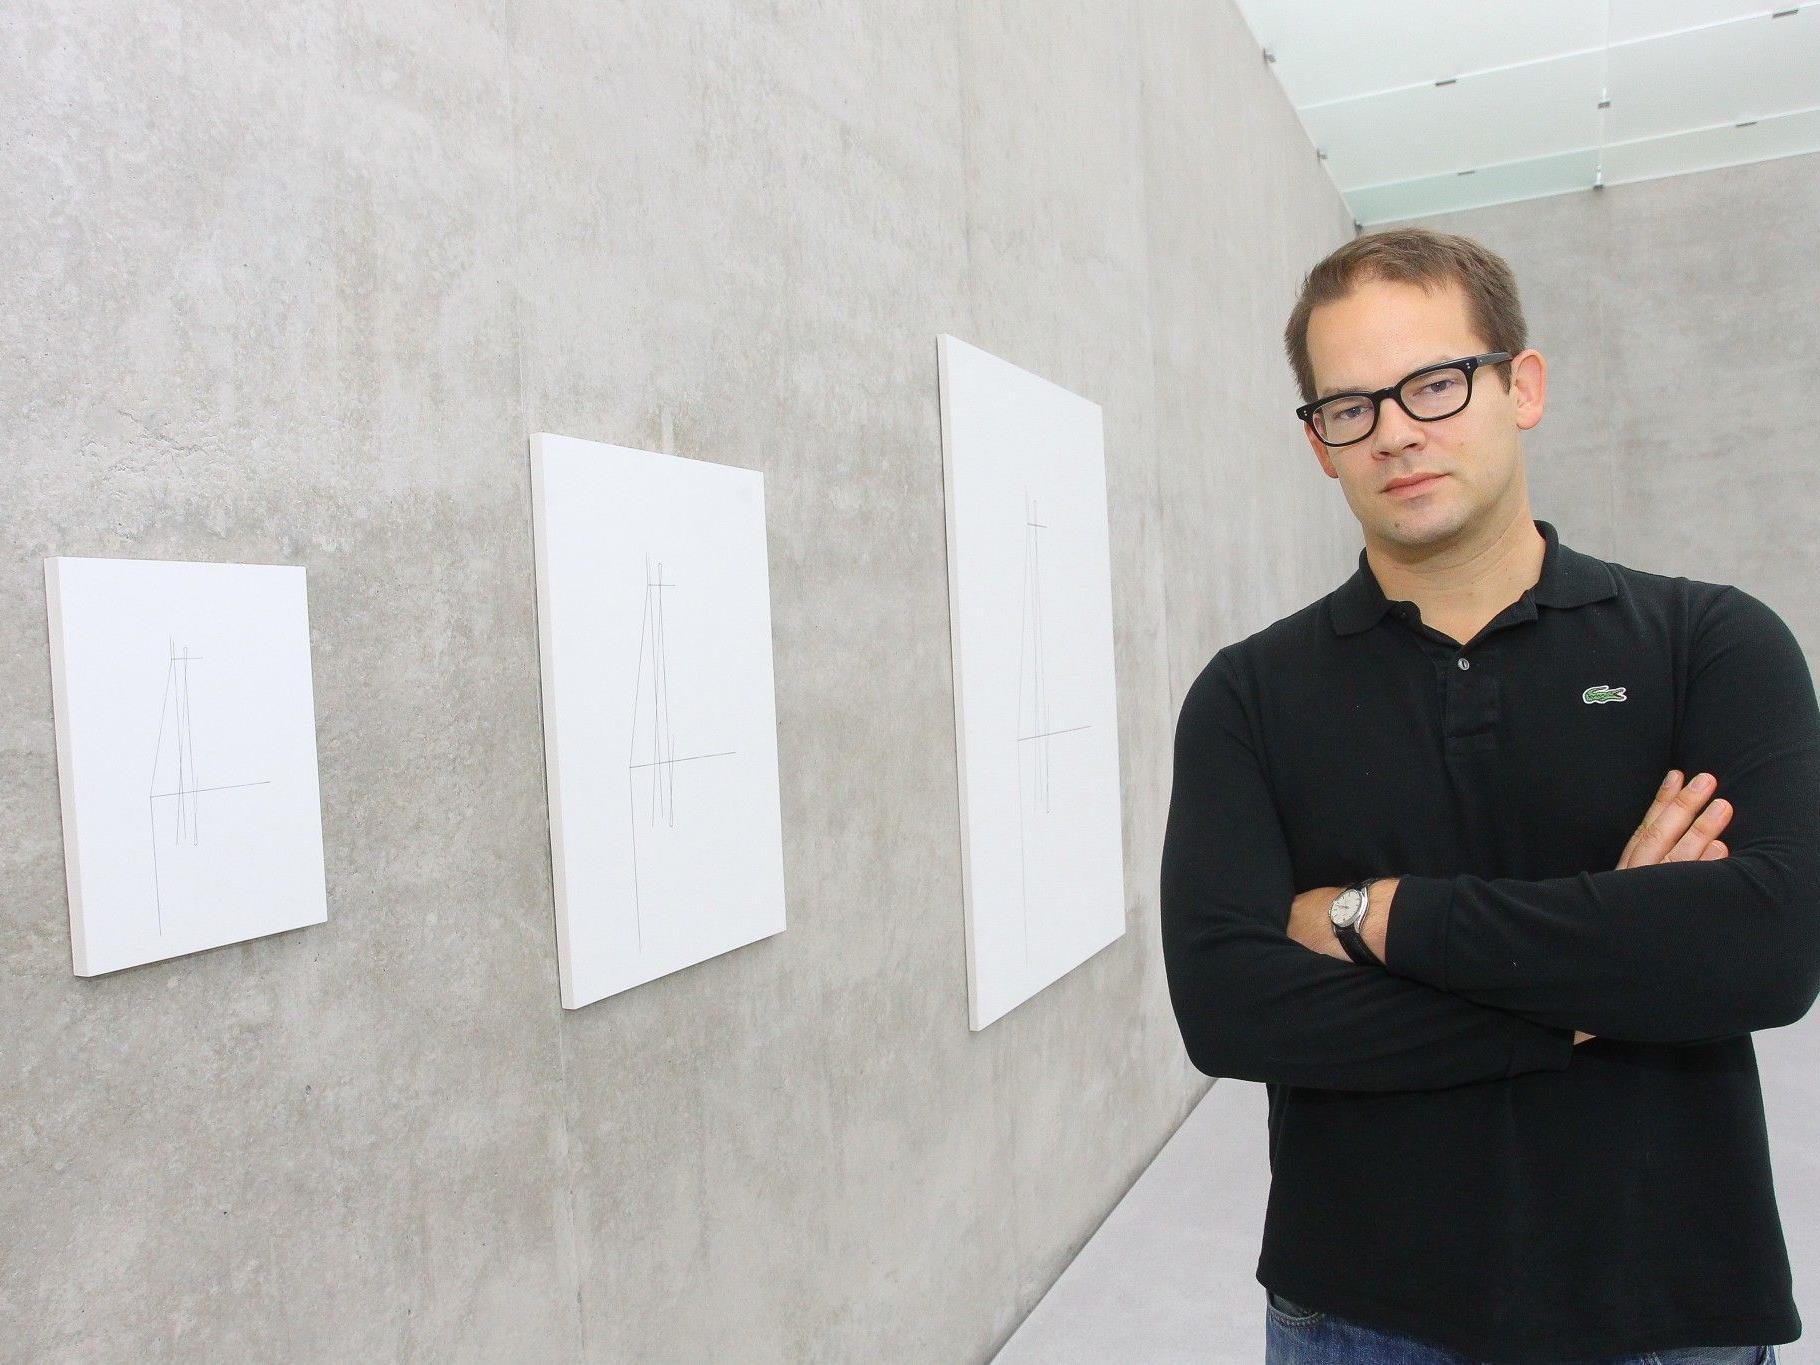 """Neue Serie """"Räumliche Sequenz"""" ist von 26. Oktober 2012 bis 20. Jänner 2013 zu sehen."""